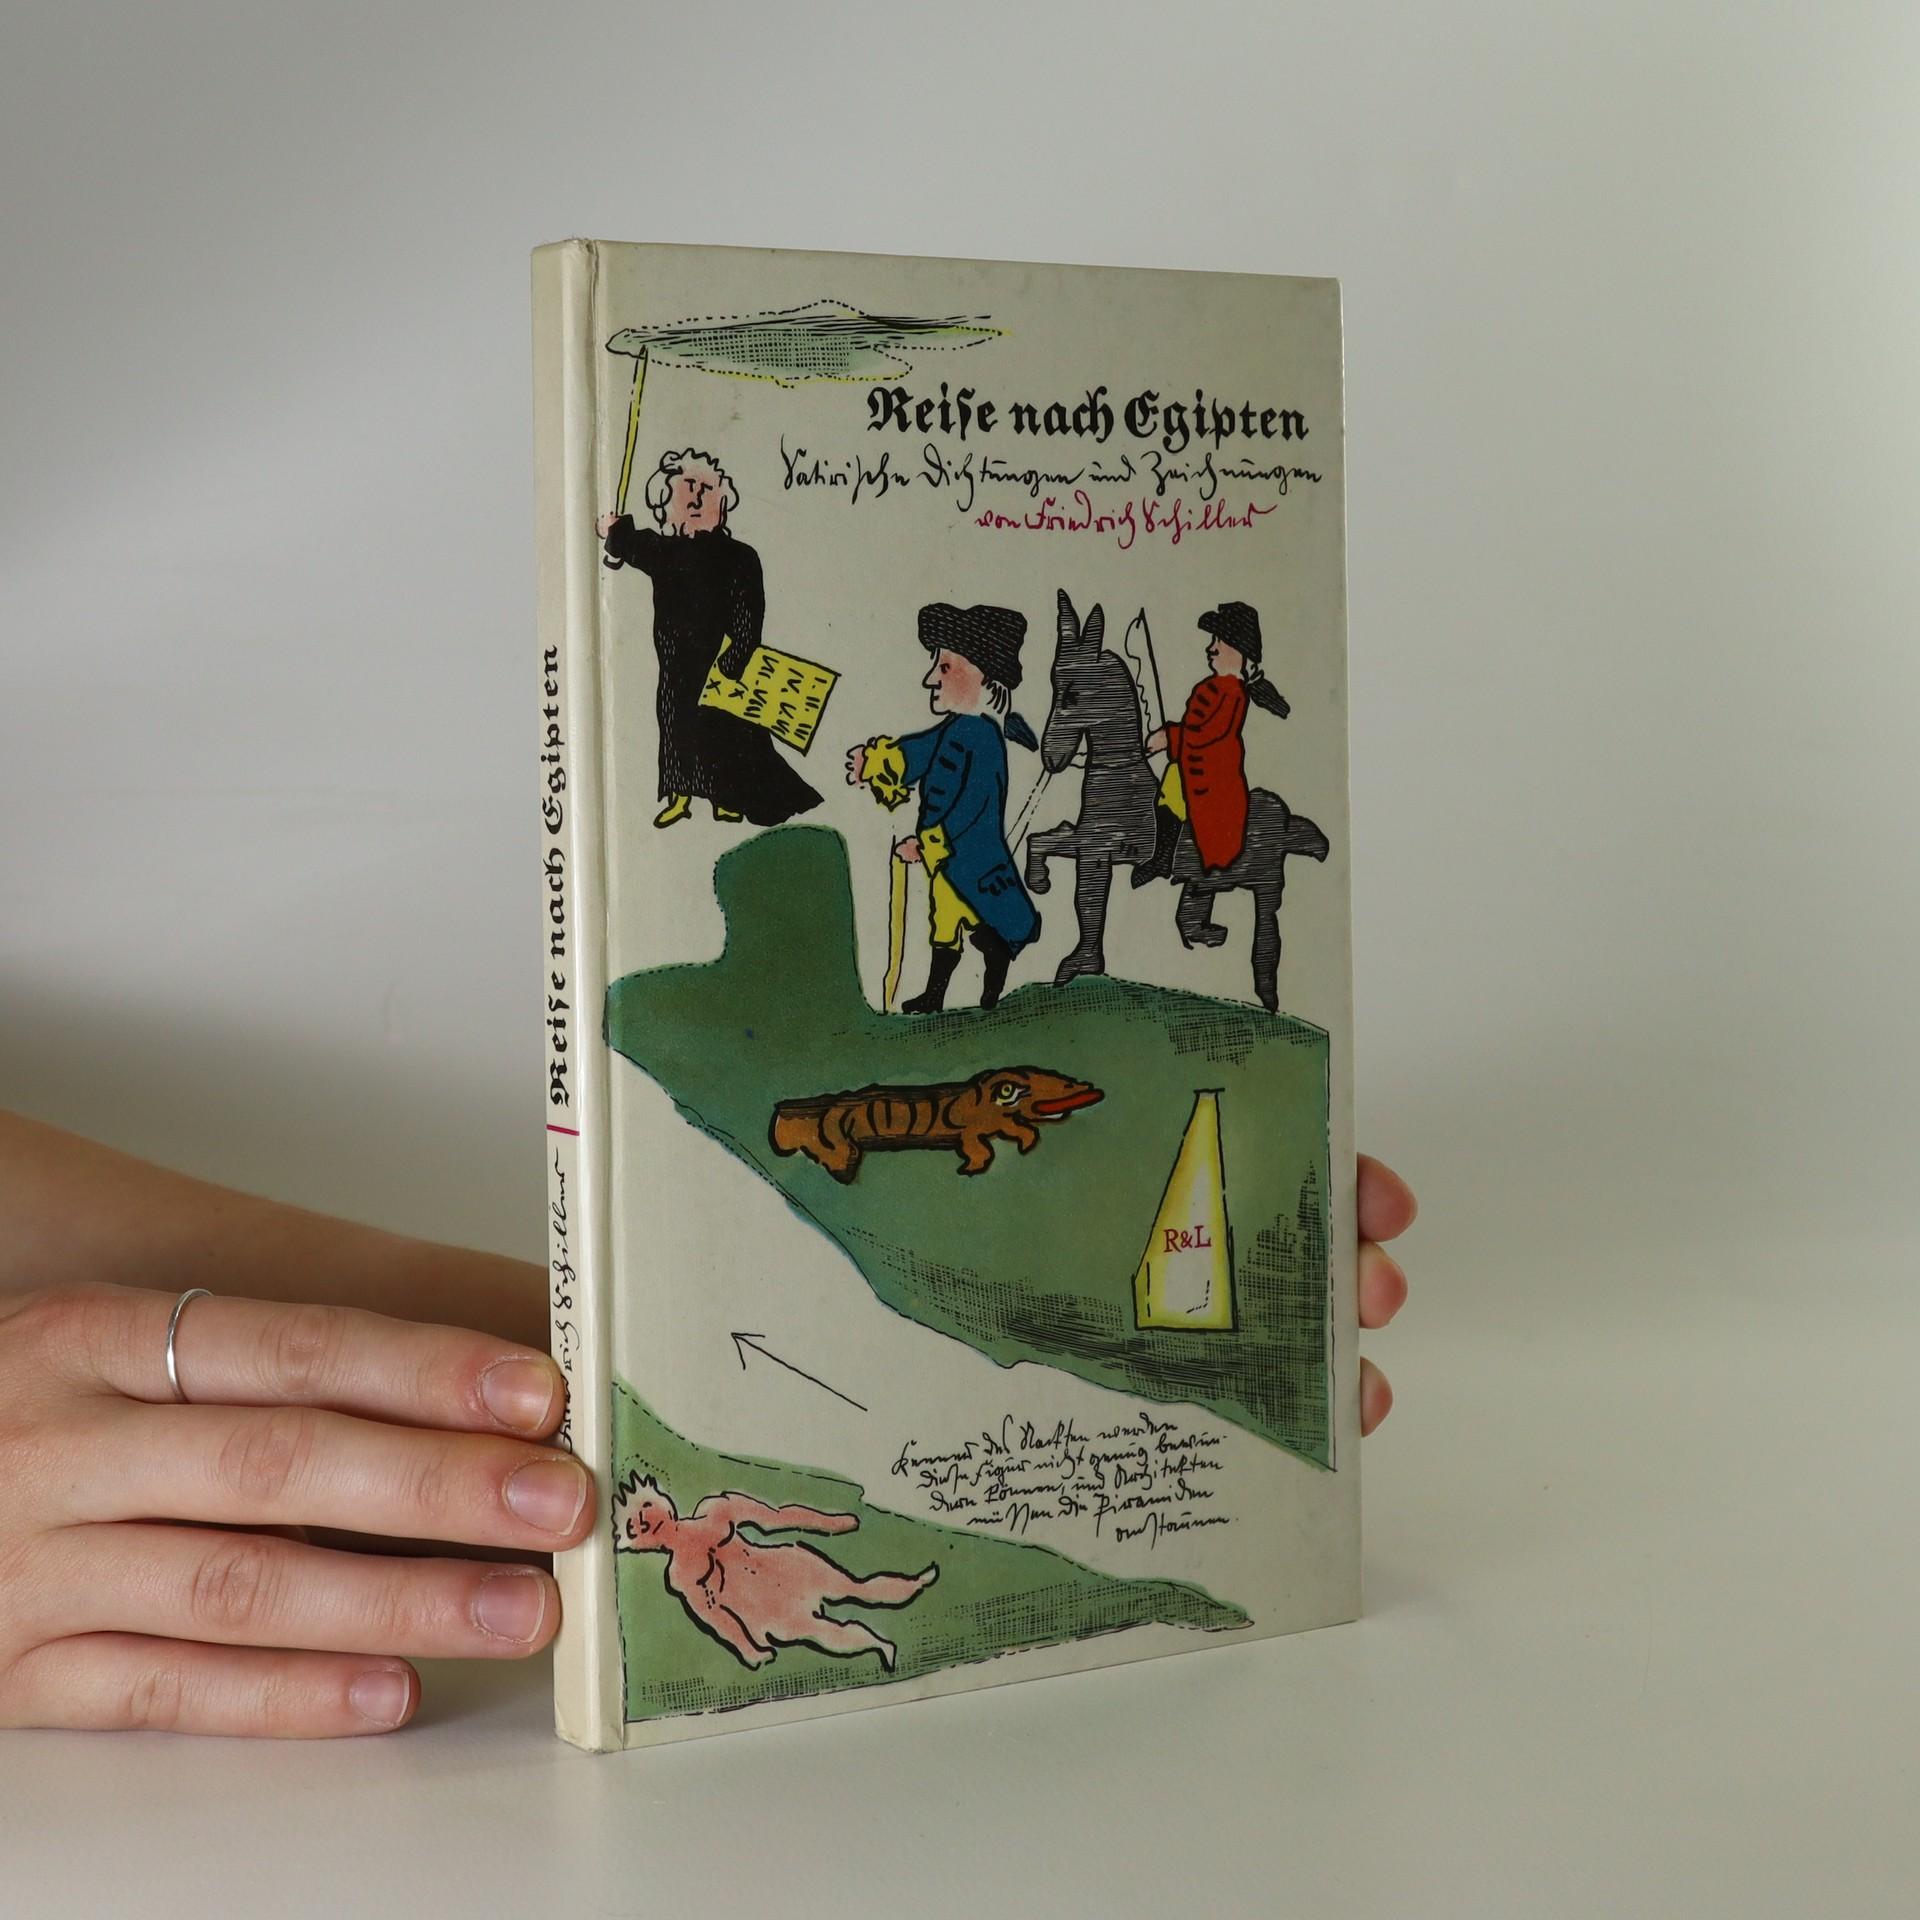 antikvární kniha Reise nach Egipten. Satirische Dichtungen und Zeichnungen von Friedrich Schiller, 1959